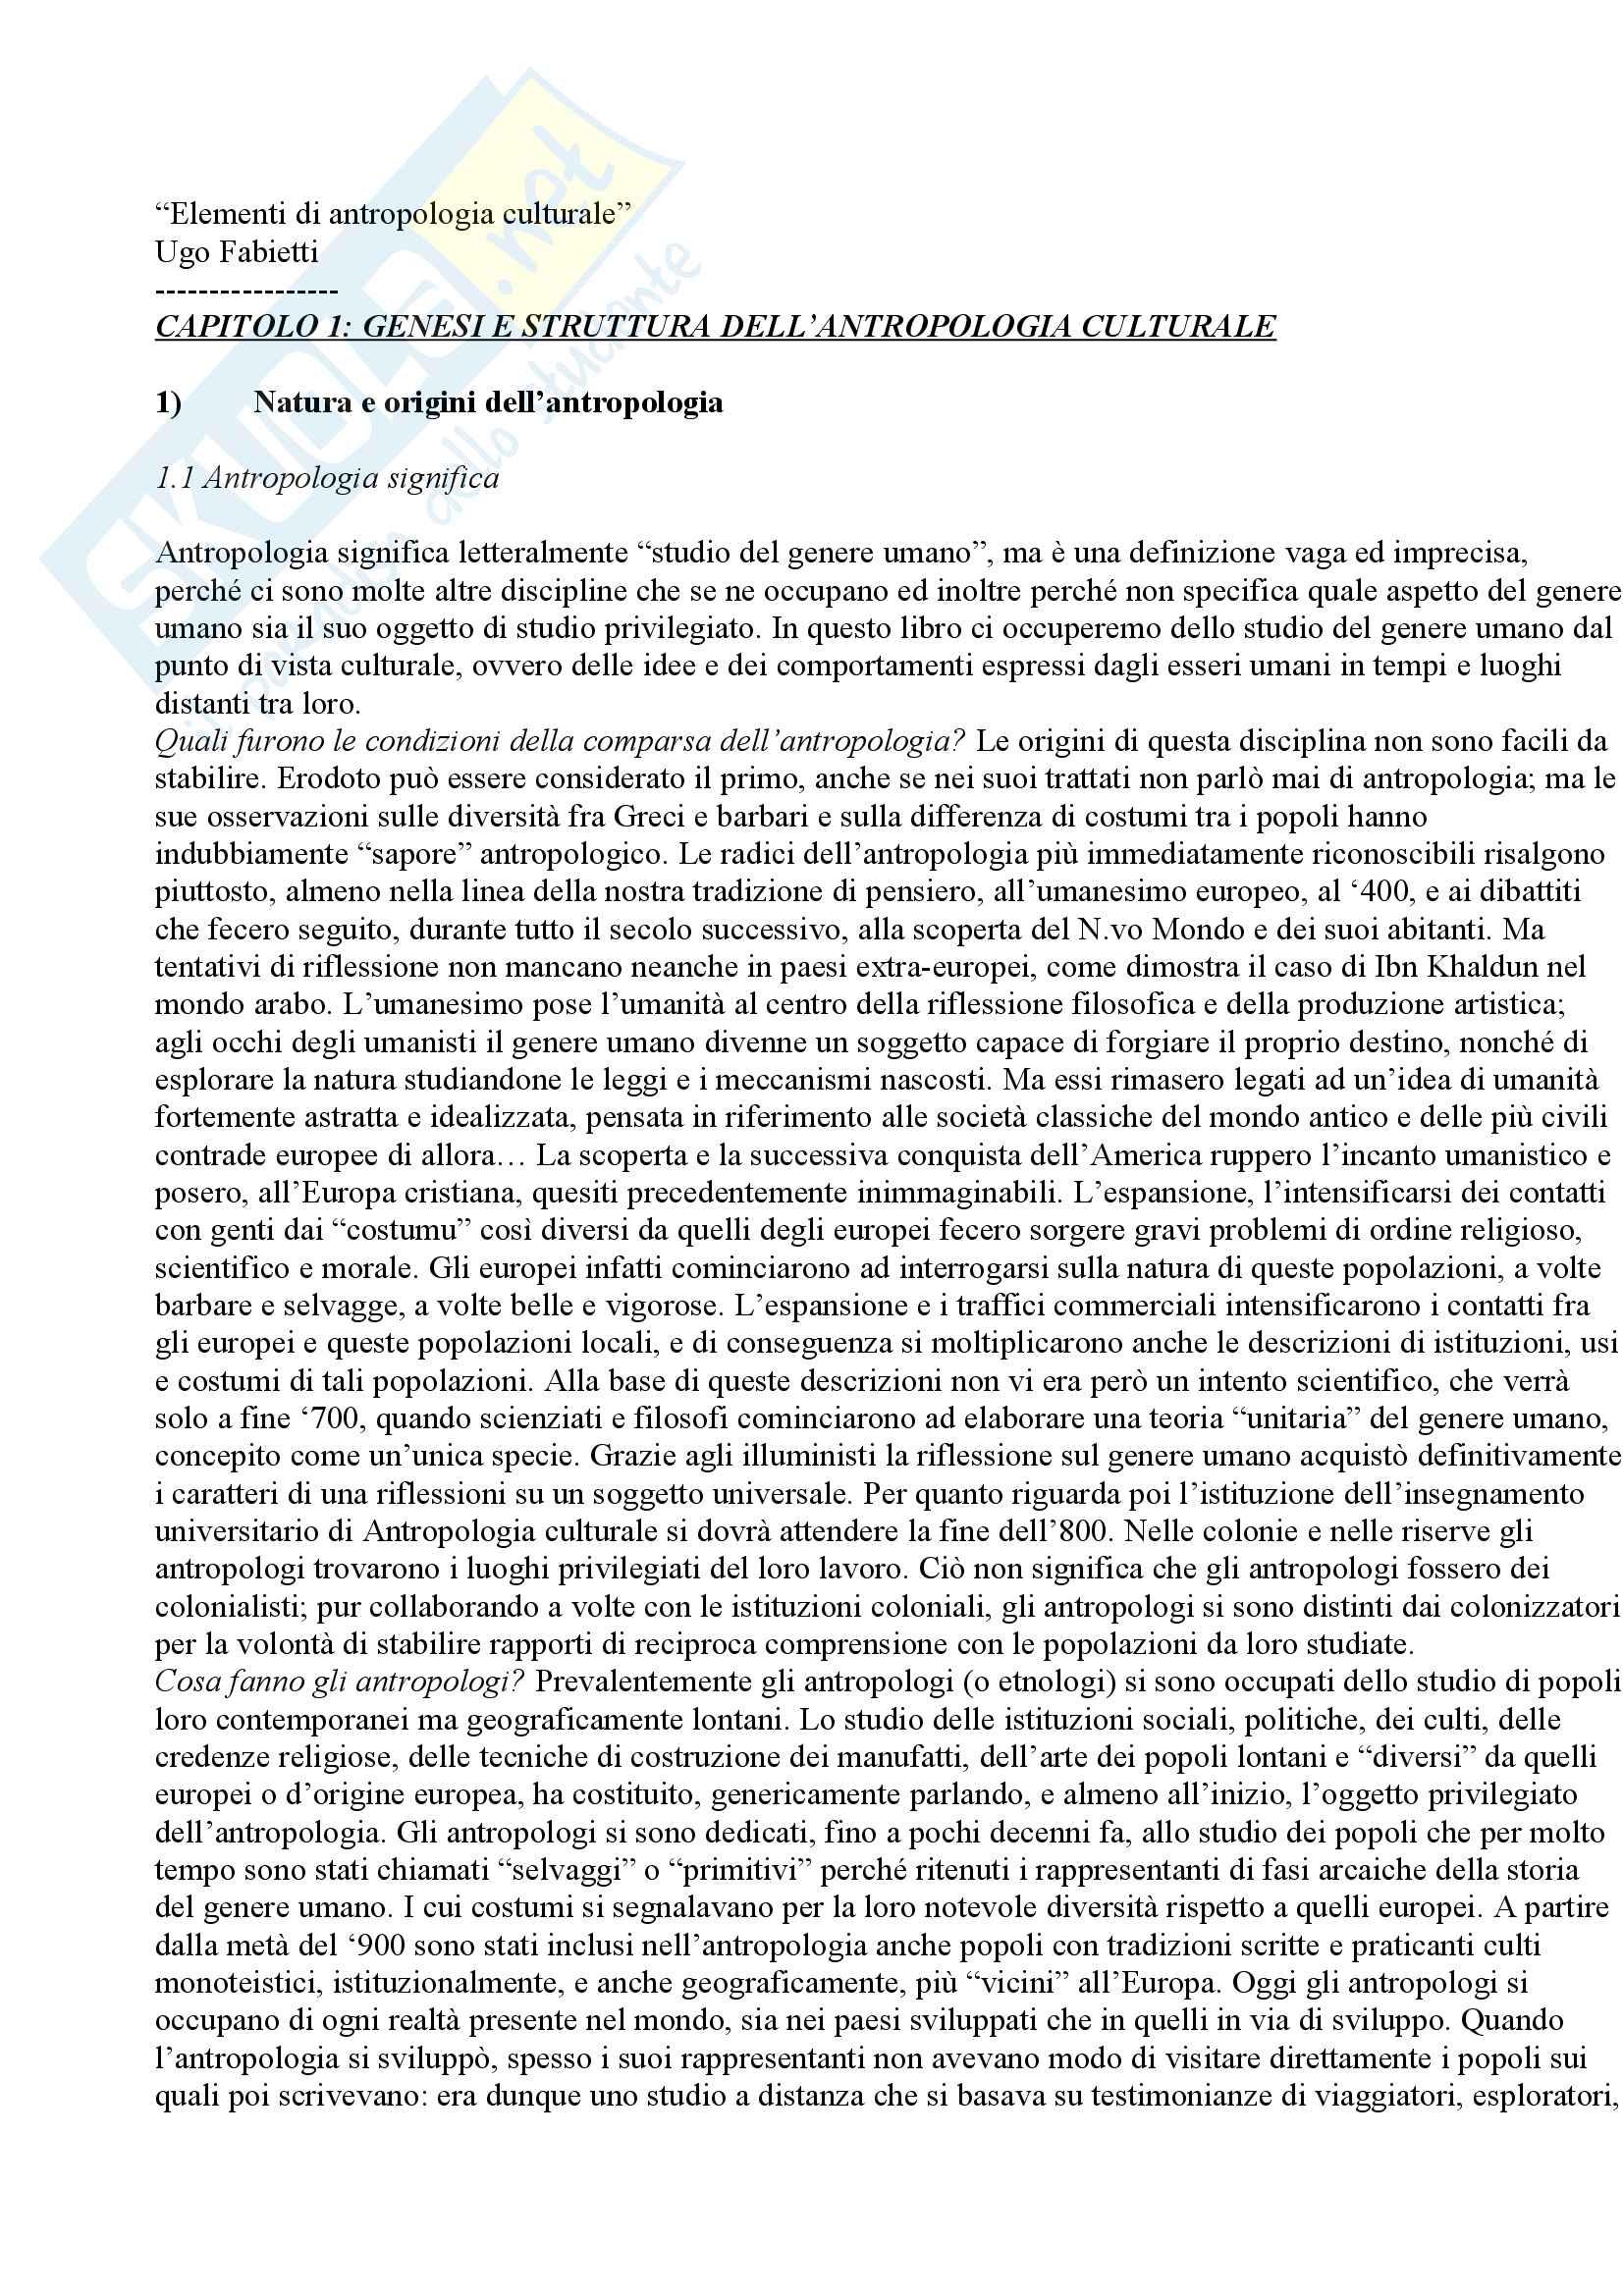 Riassunto per l'esame di antropologia culturale,docente Cristiana Natali, libro consigliato Elementi di antropologia culturale, Fabietti